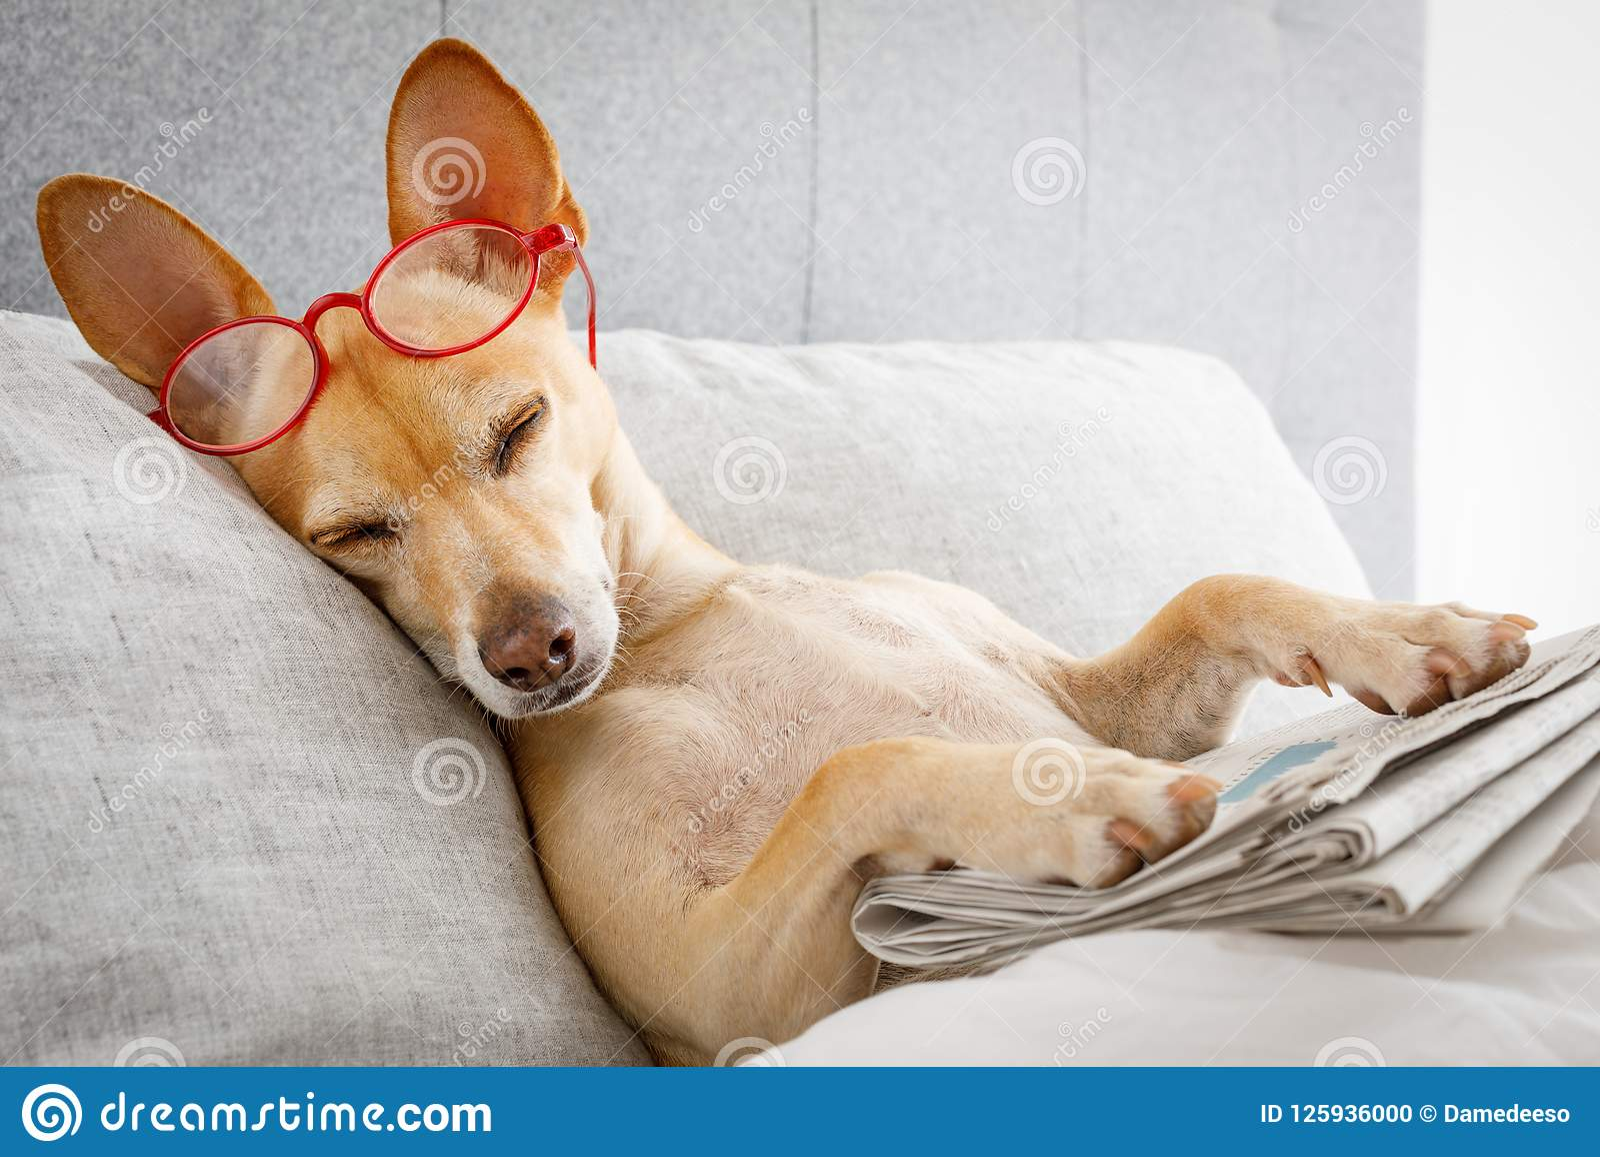 Cão na cama com jornal